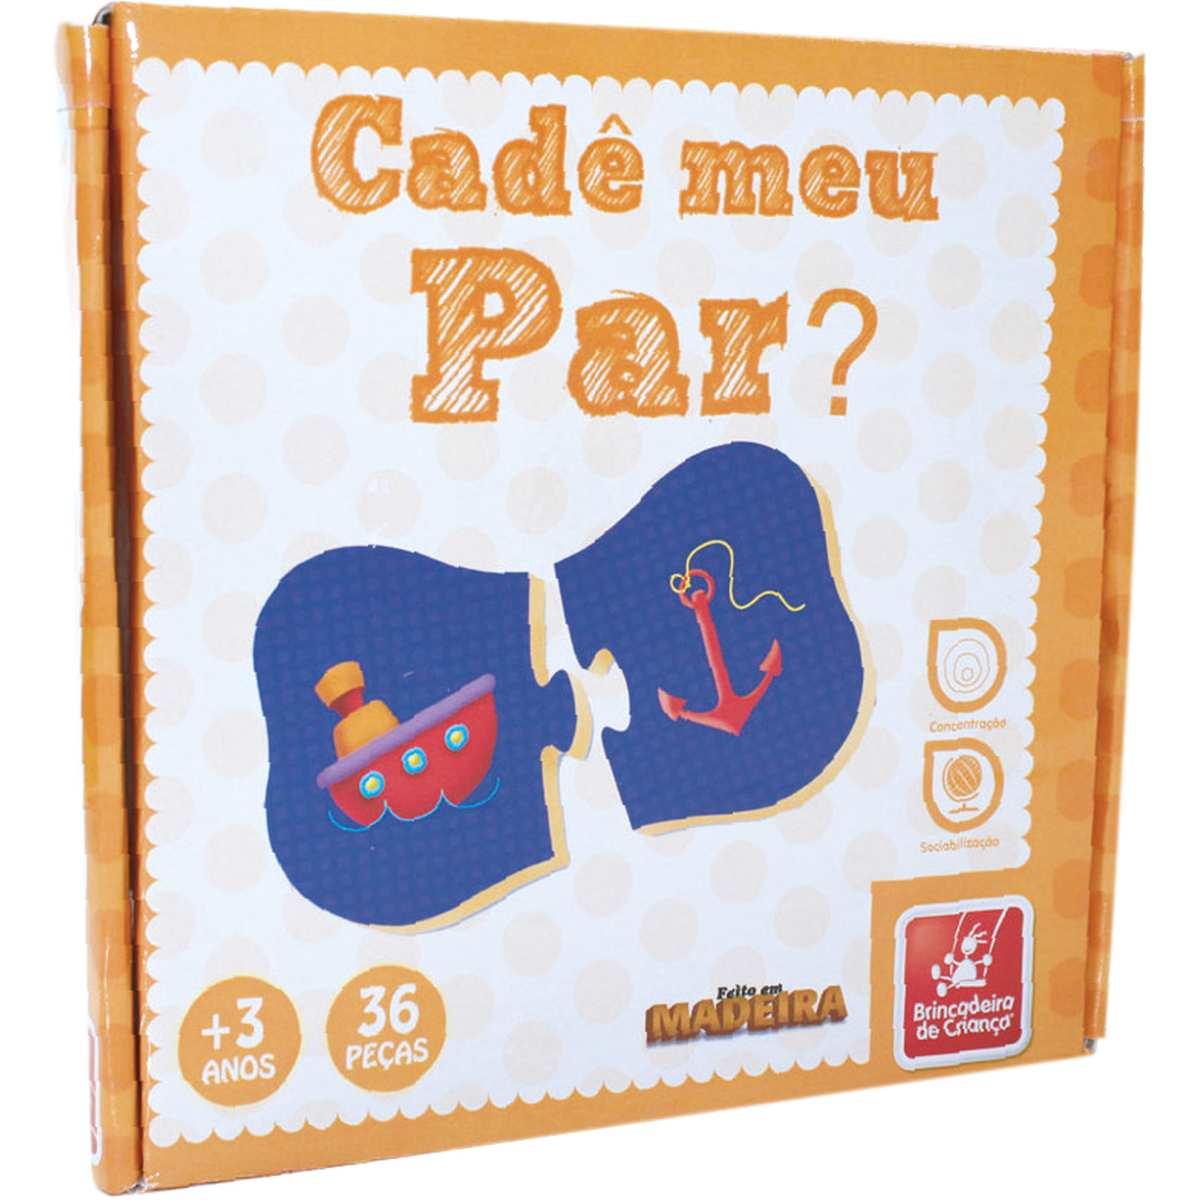 Brinquedo Pedagogico Madeira   Cade Meu Par 36 Peças   Brinc. de Crianca